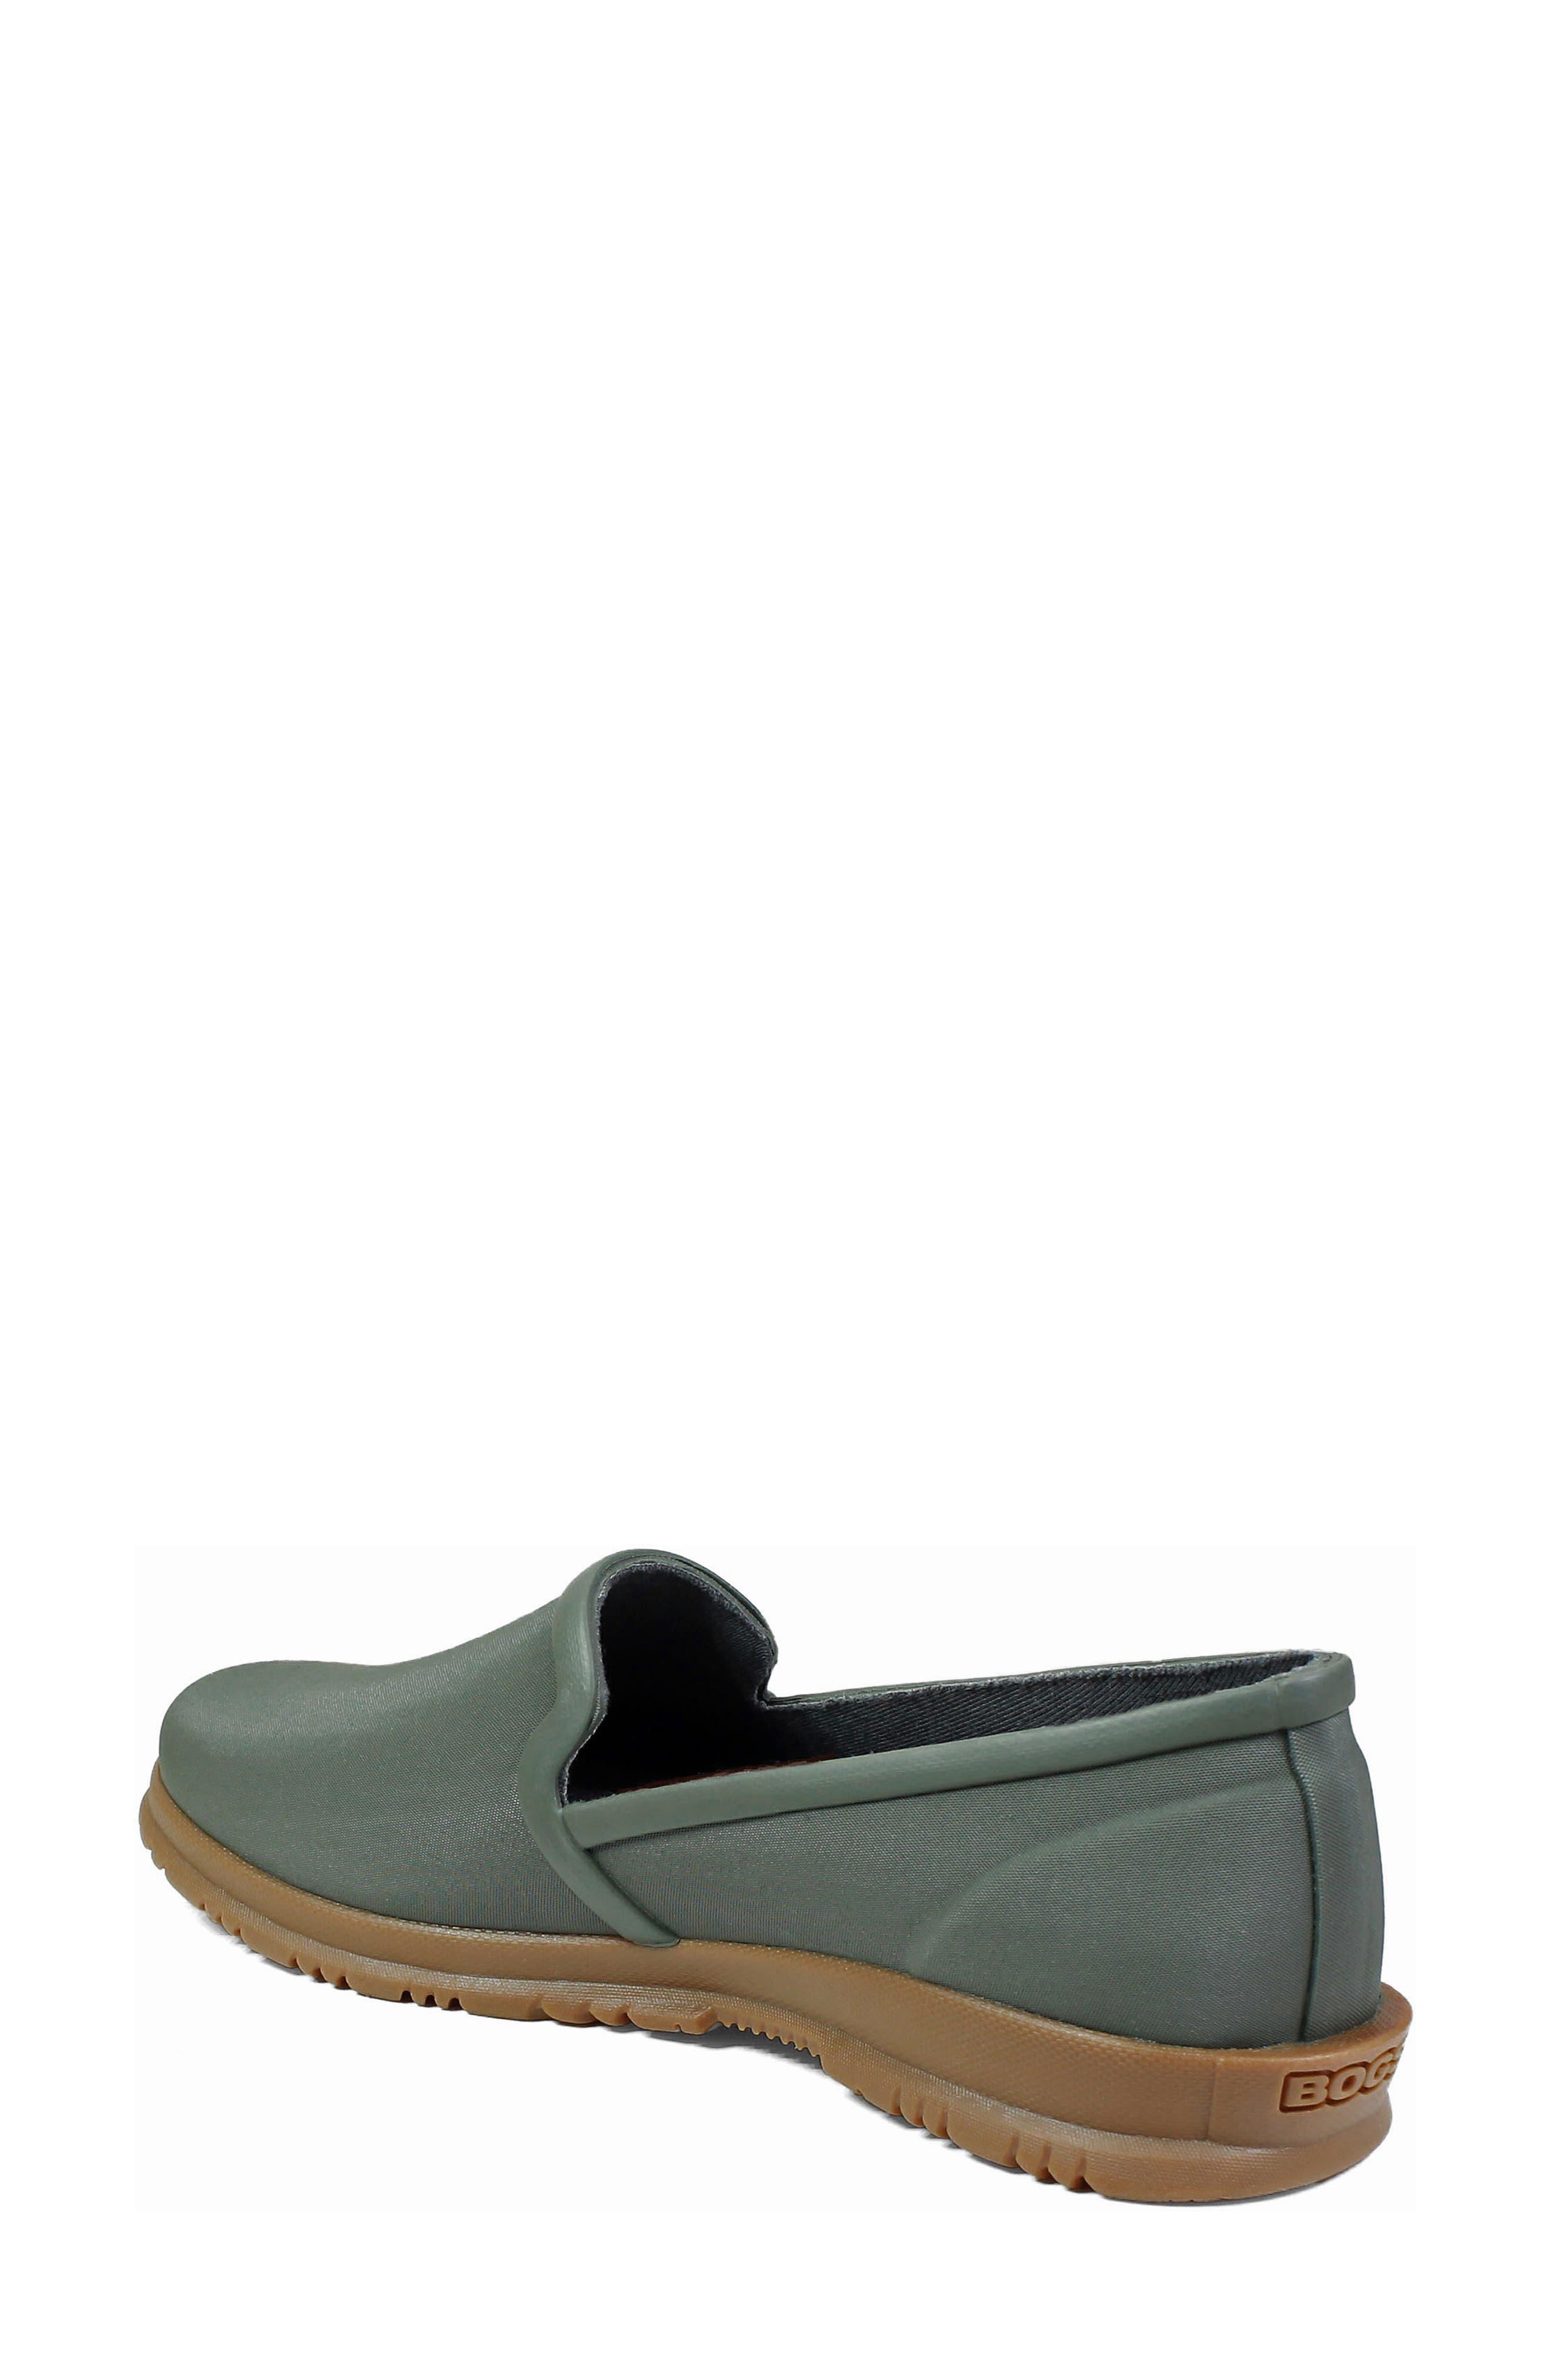 BOGS,                             Sweetpea Waterproof Slip-On Sneaker,                             Alternate thumbnail 2, color,                             SAGE